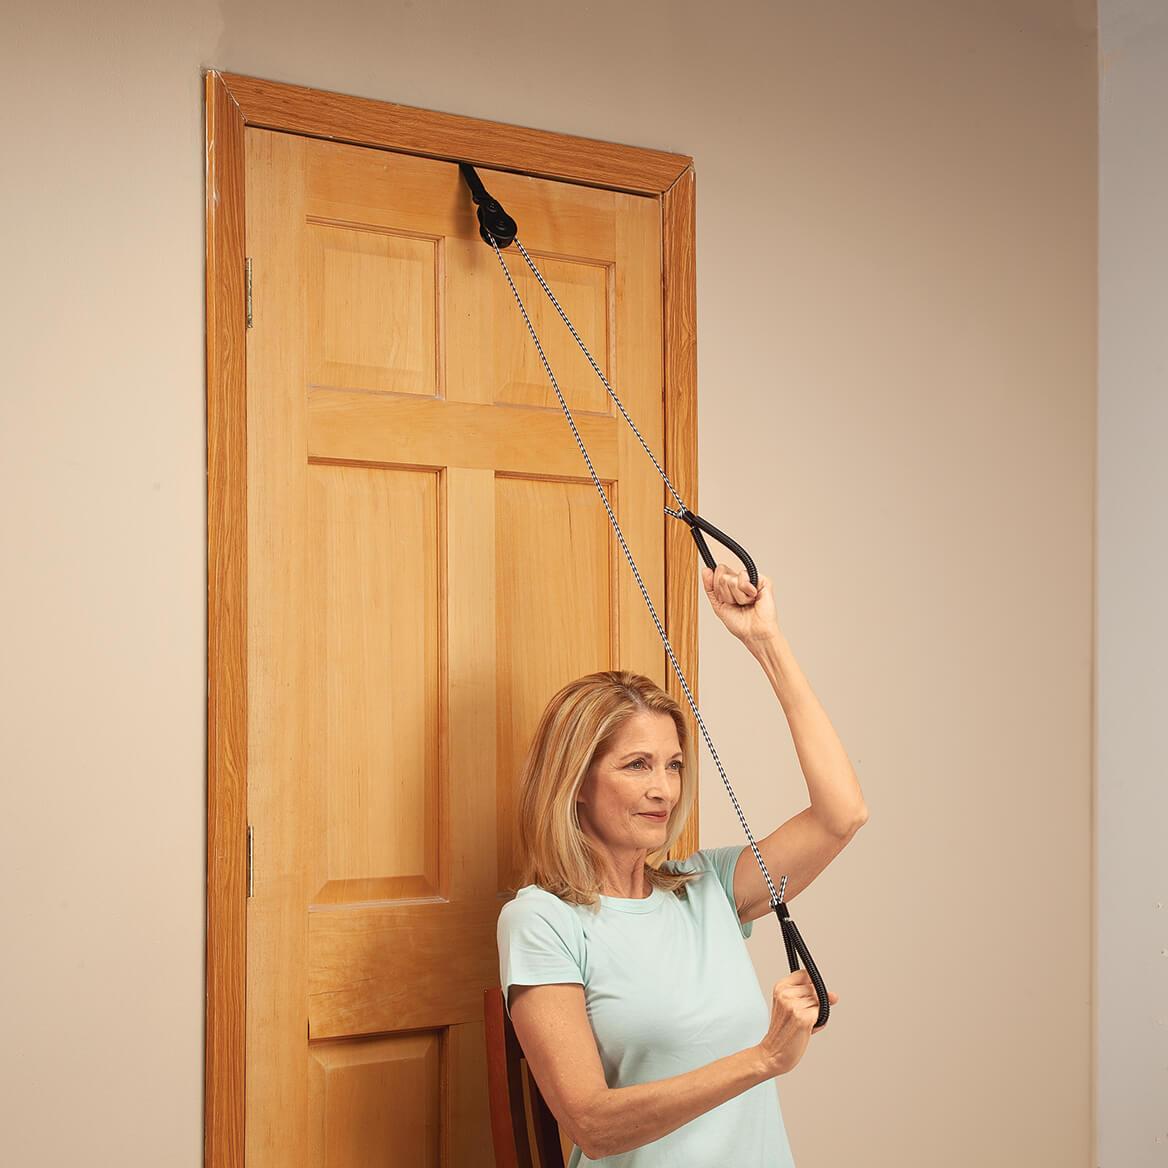 Over the Door Upper Body Exerciser-369536